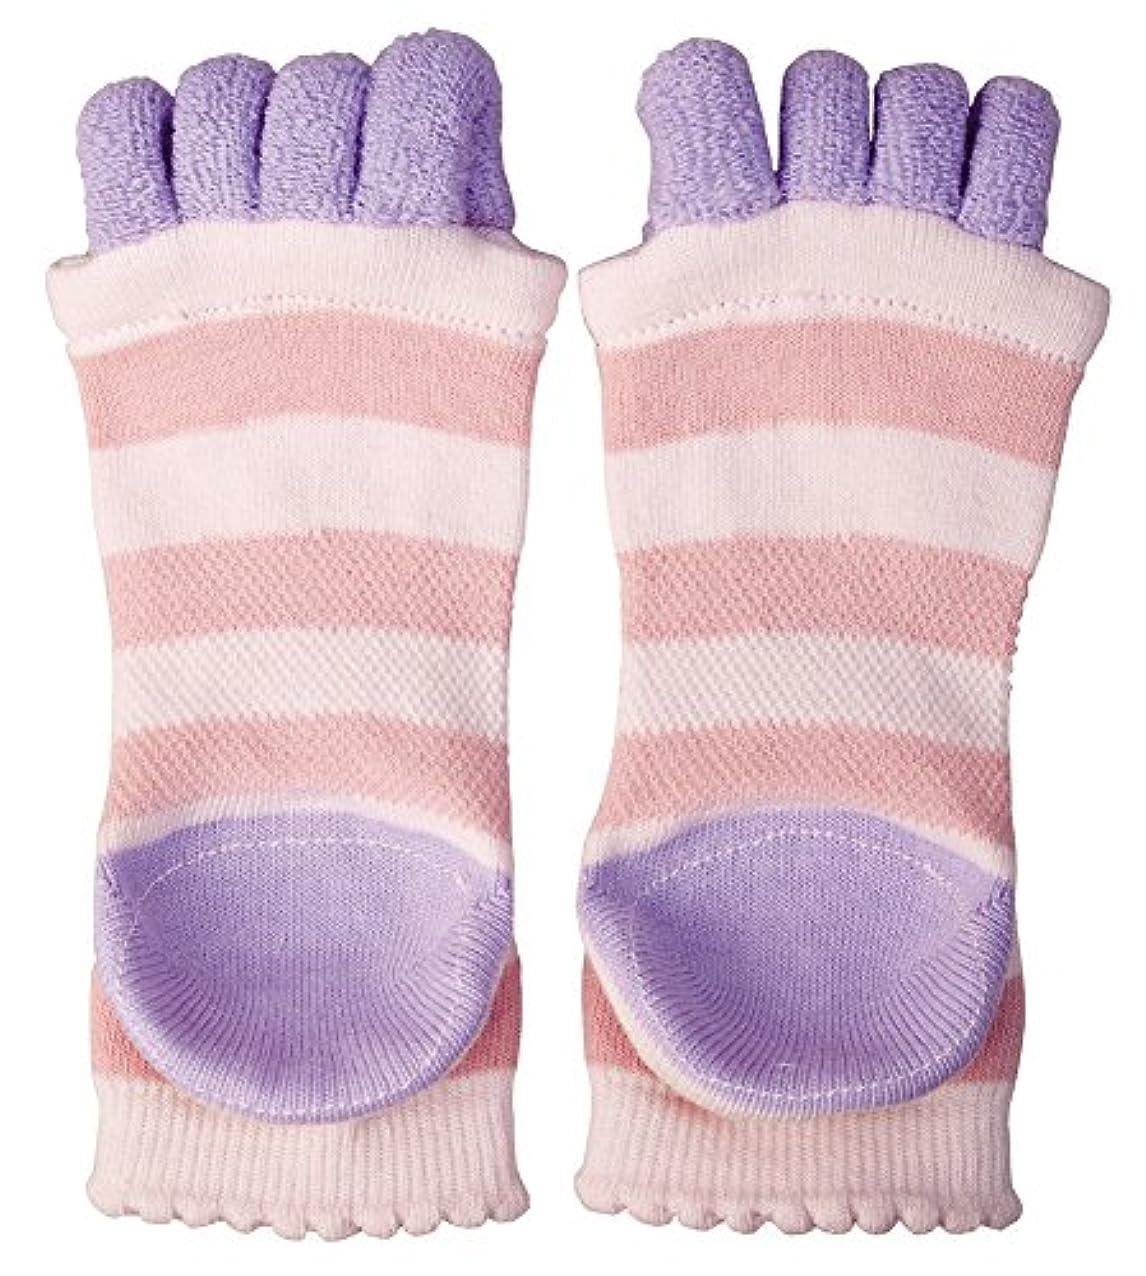 著者文化出力眠れる森の5本指 かかとソックス リラックス/靴下/ケア ピンク?AP-617105